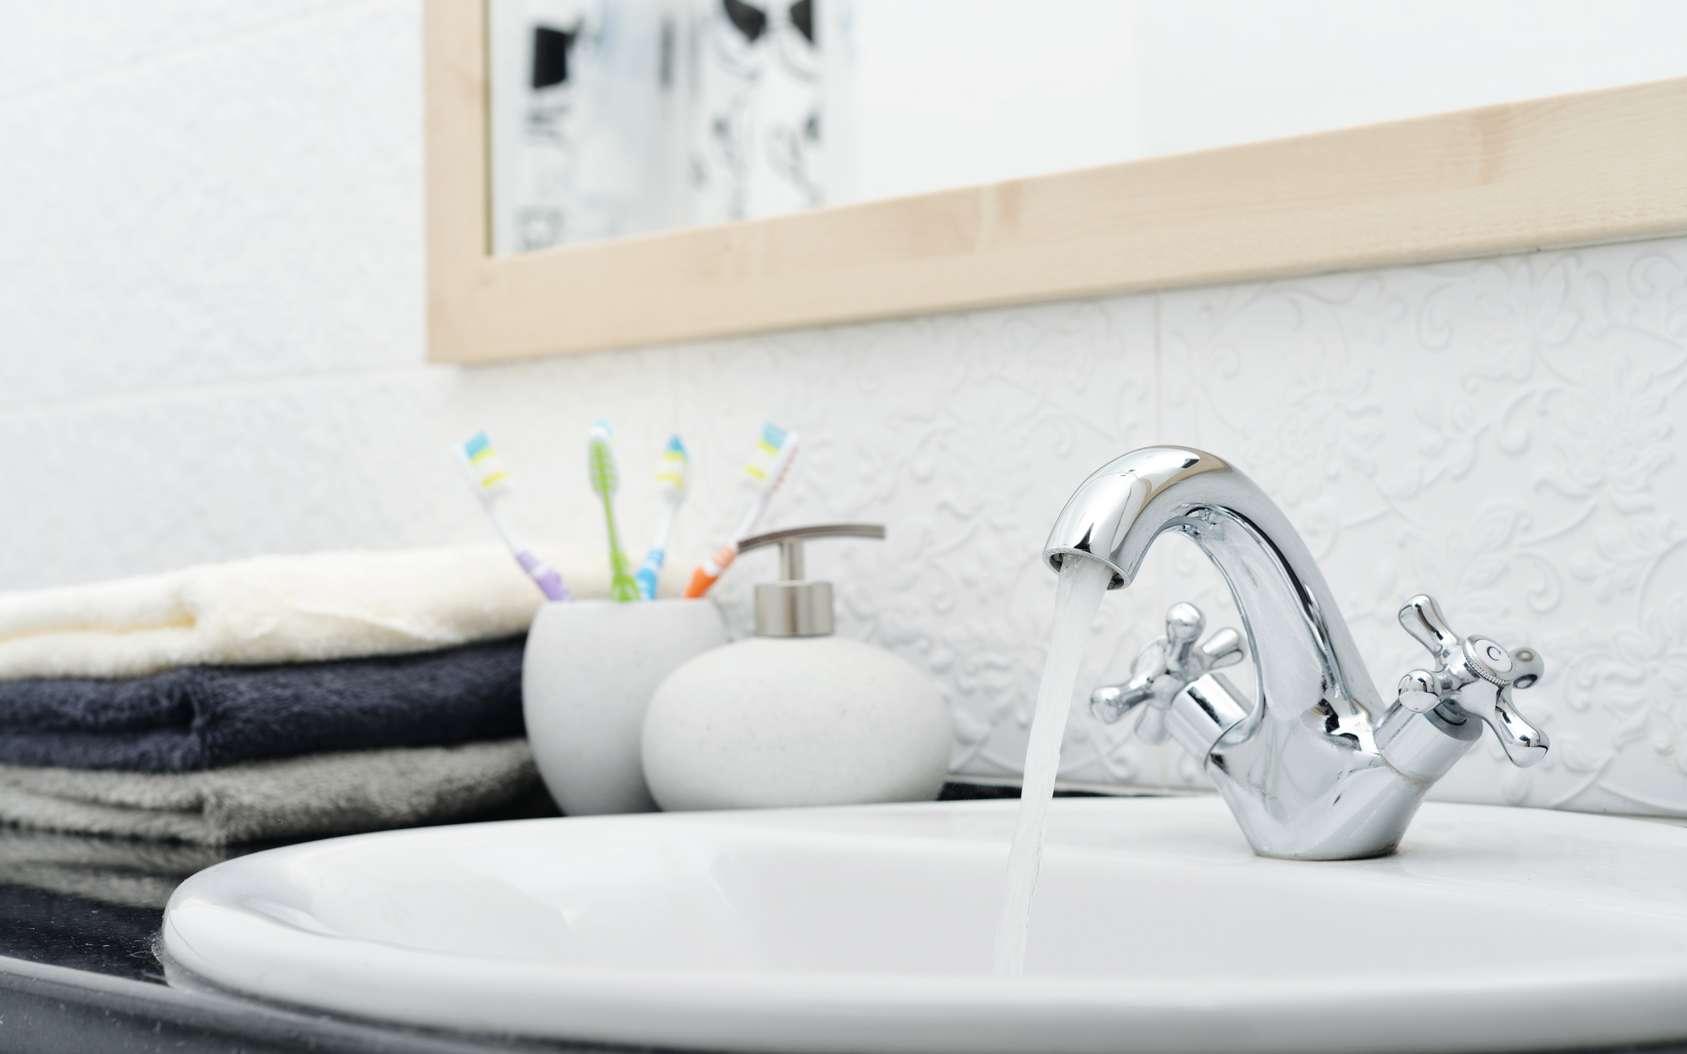 Le calcaire est souvent à l'origine des problèmes de robinet. © Fotolia